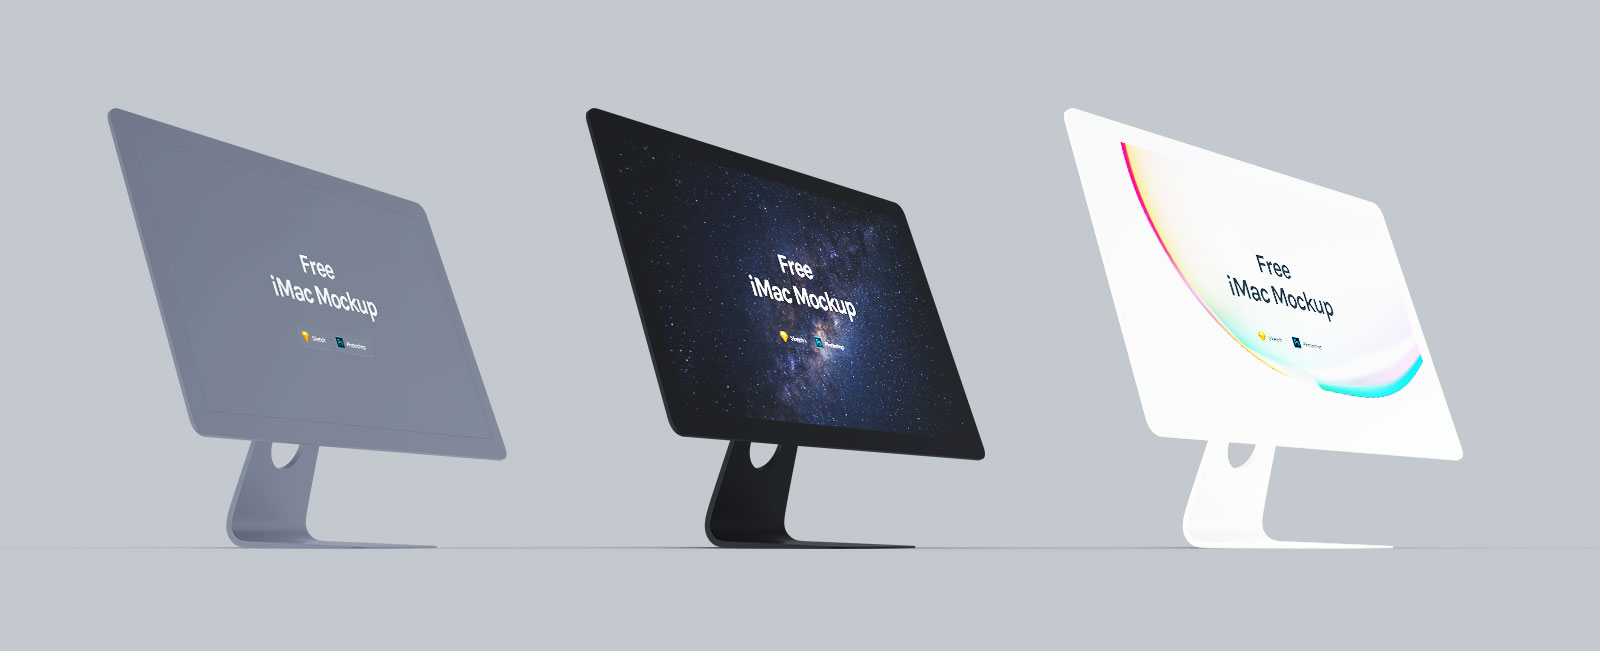 Free-3k-iMac-Mockup-in-PSD-&-Sketch-2